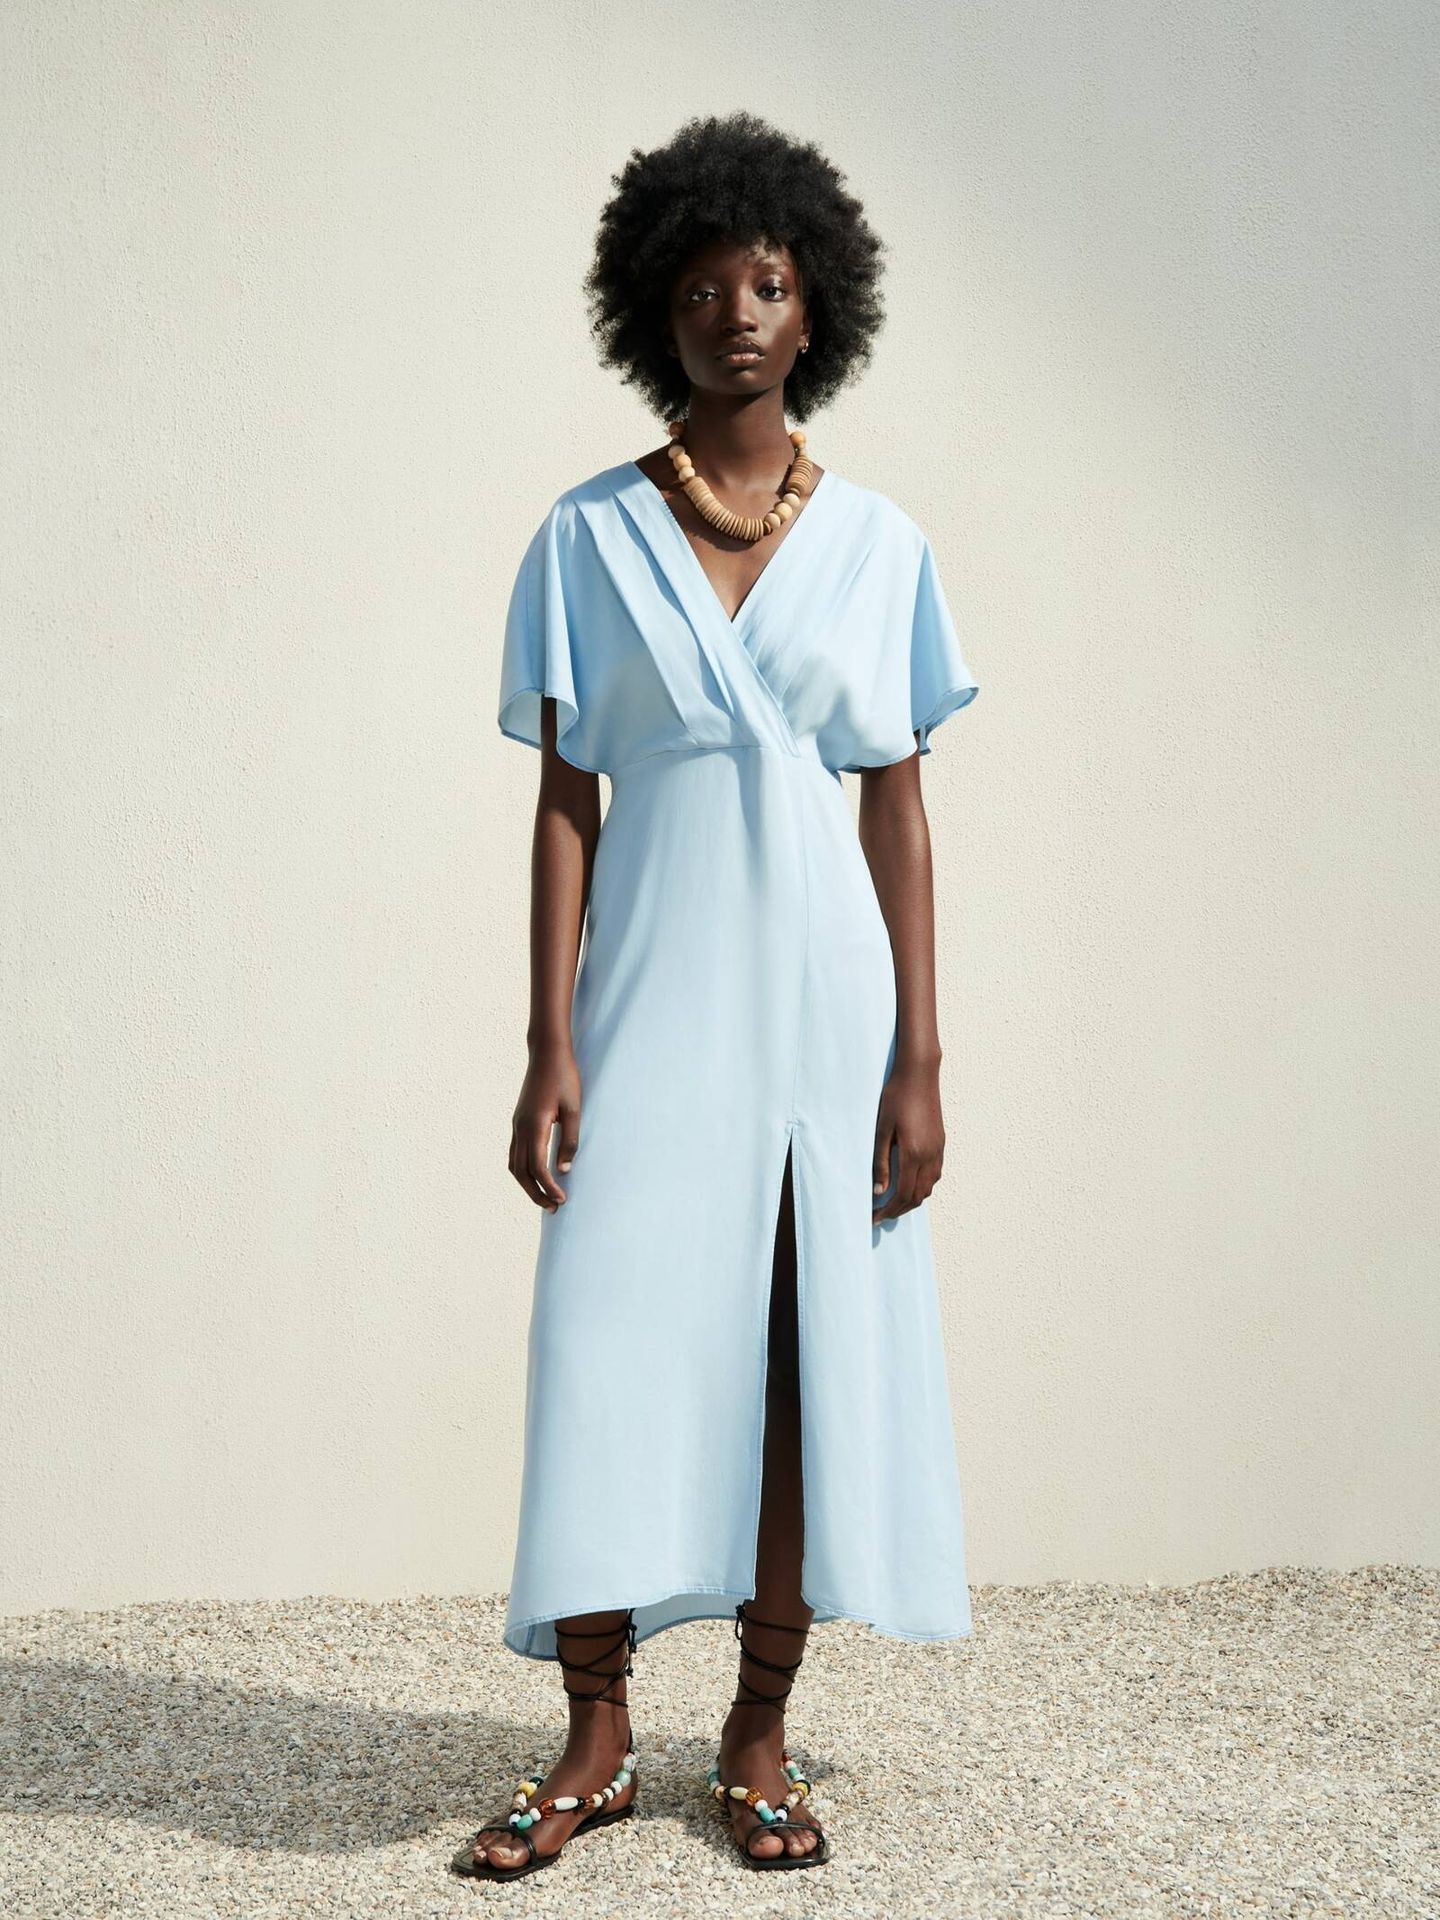 Vestido 'pale wrap dress' de Zara. (Cortesía)